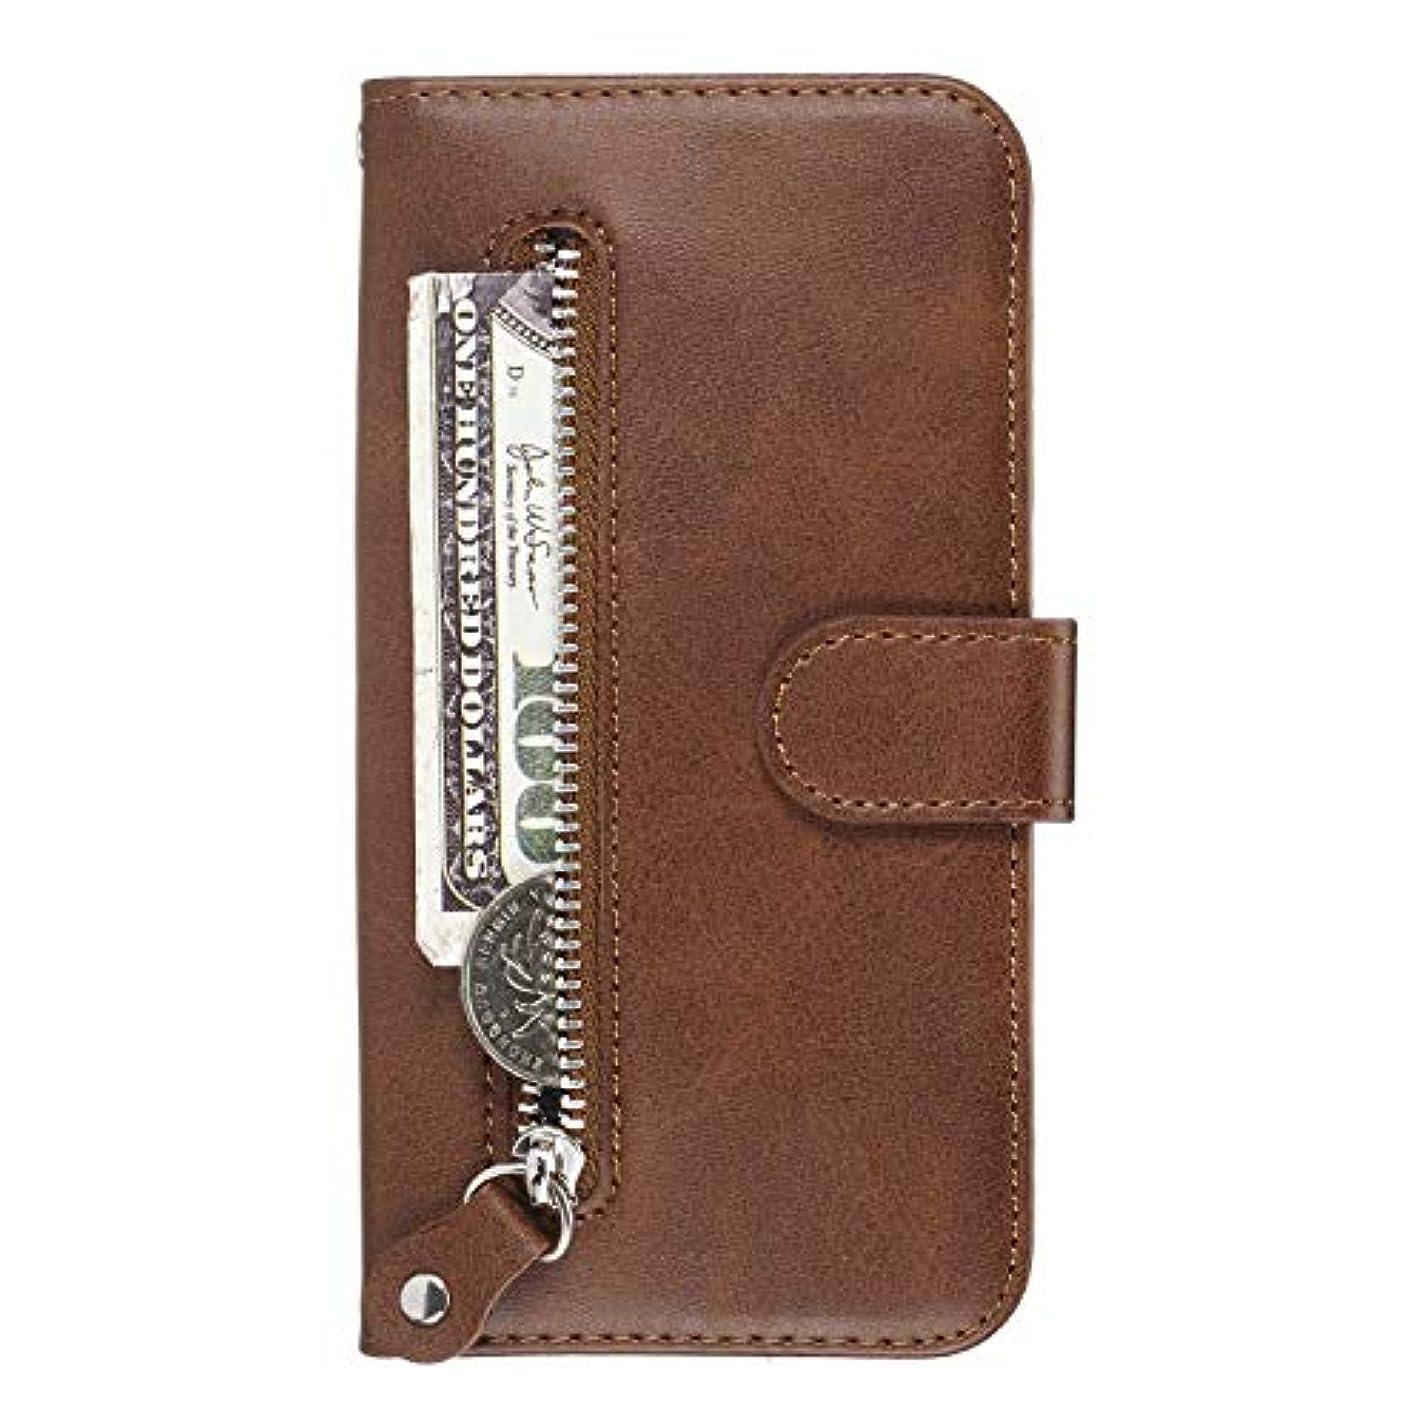 デコードする魅力非効率的なOMATENTI Galaxy M20 ケース, 軽量 PUレザー 薄型 簡約風 人気カバー バックケース Galaxy M20 用 Case Cover, 液晶保護 カード収納, 財布とコインポケット付き, 褐色